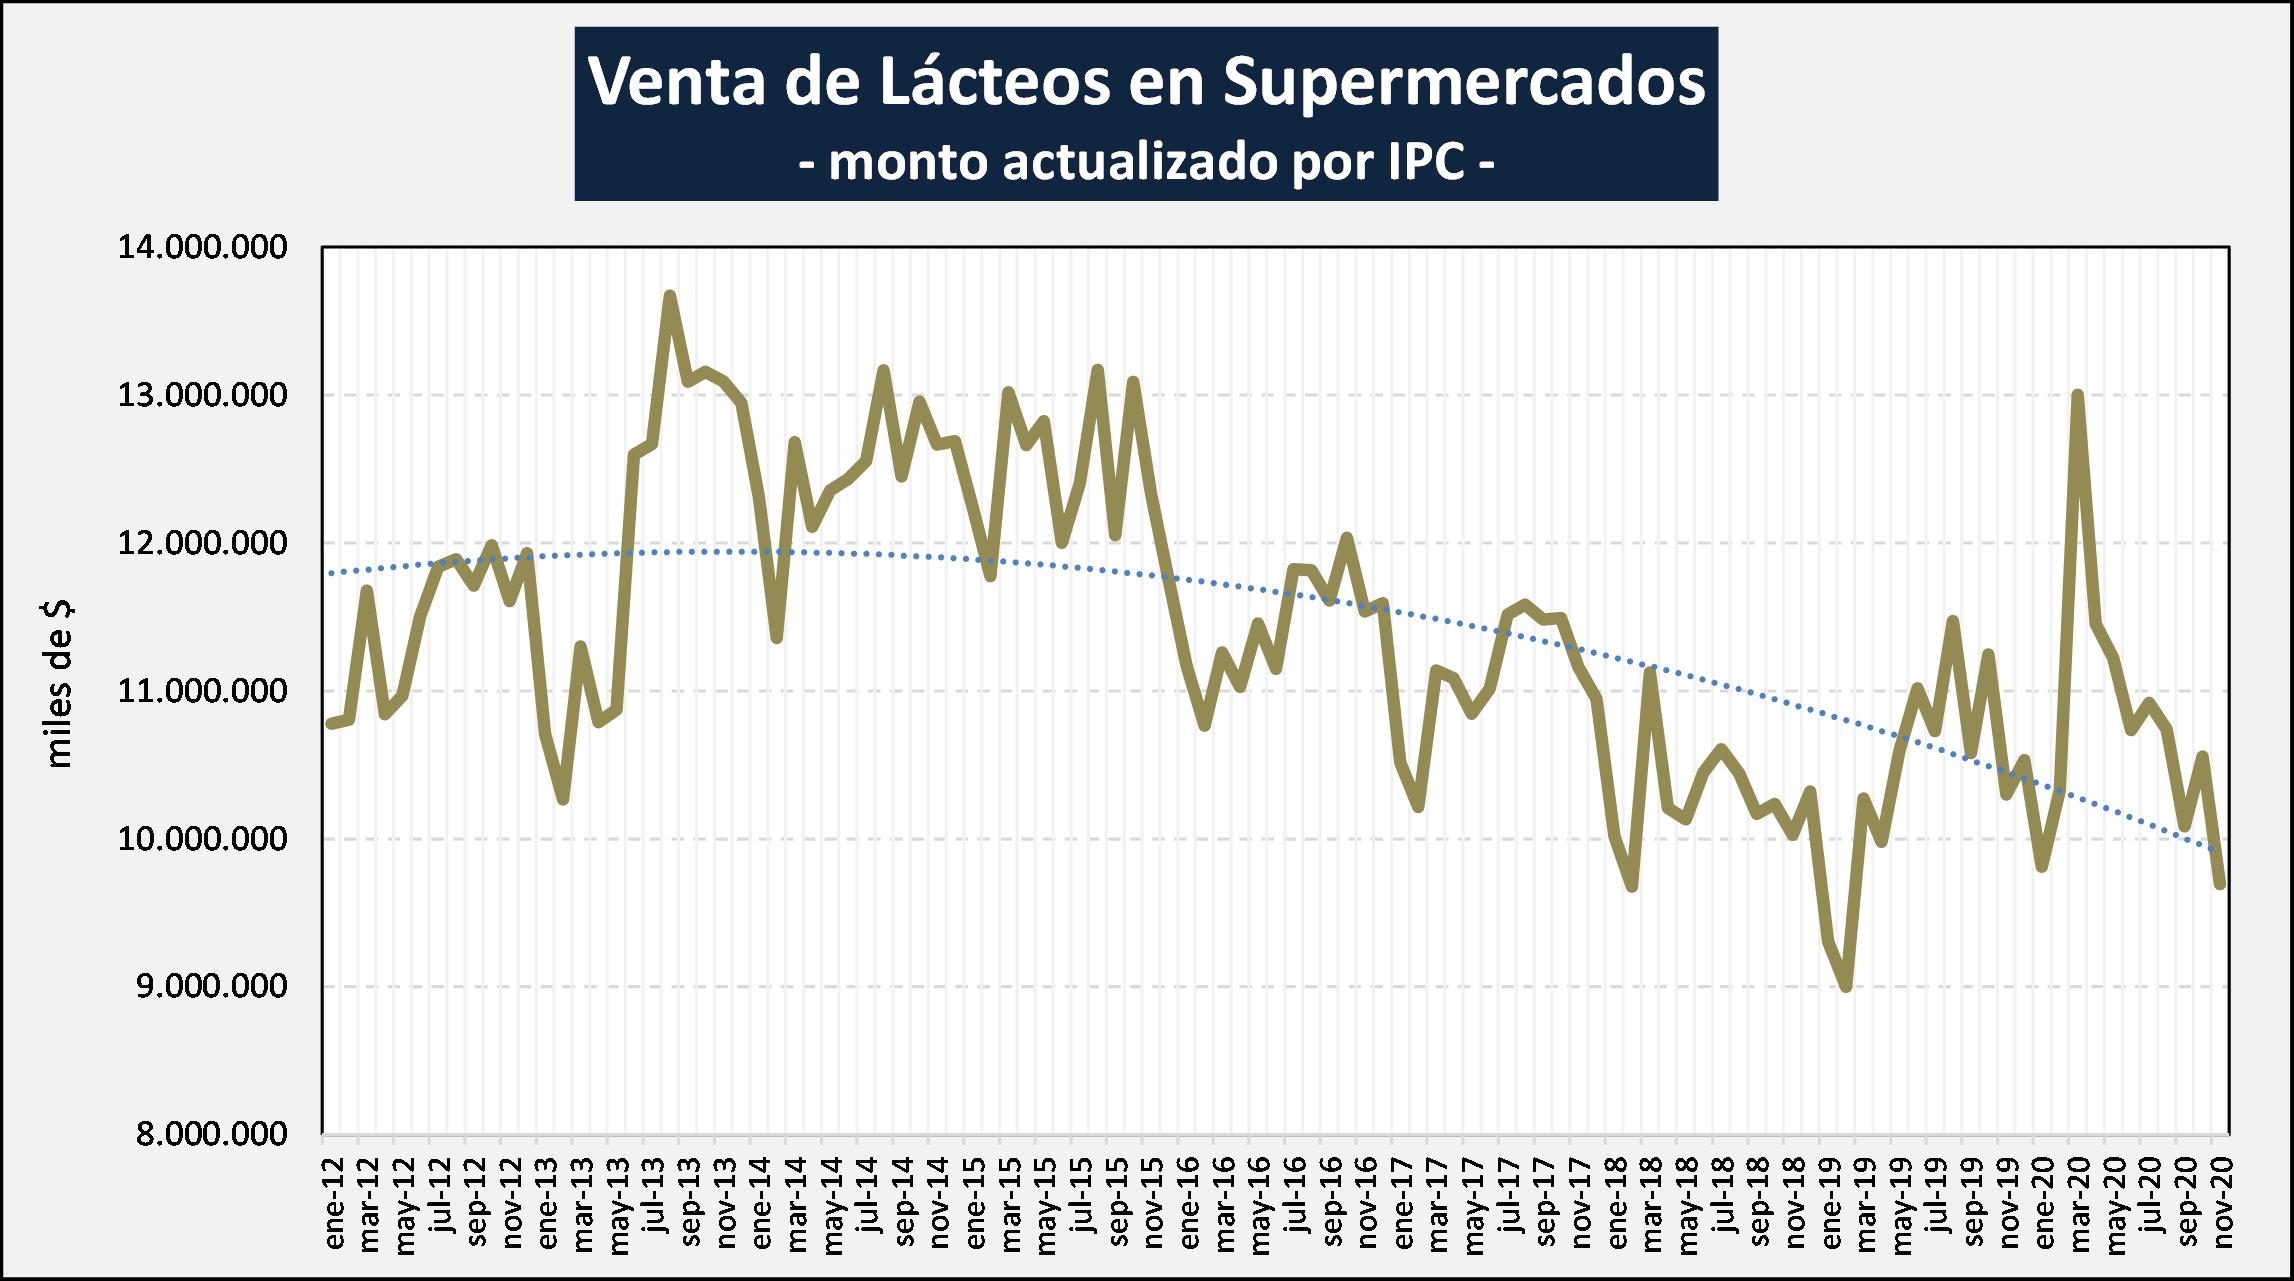 El consumo de lácteos en Argentina no deja de caer desde marzo '20